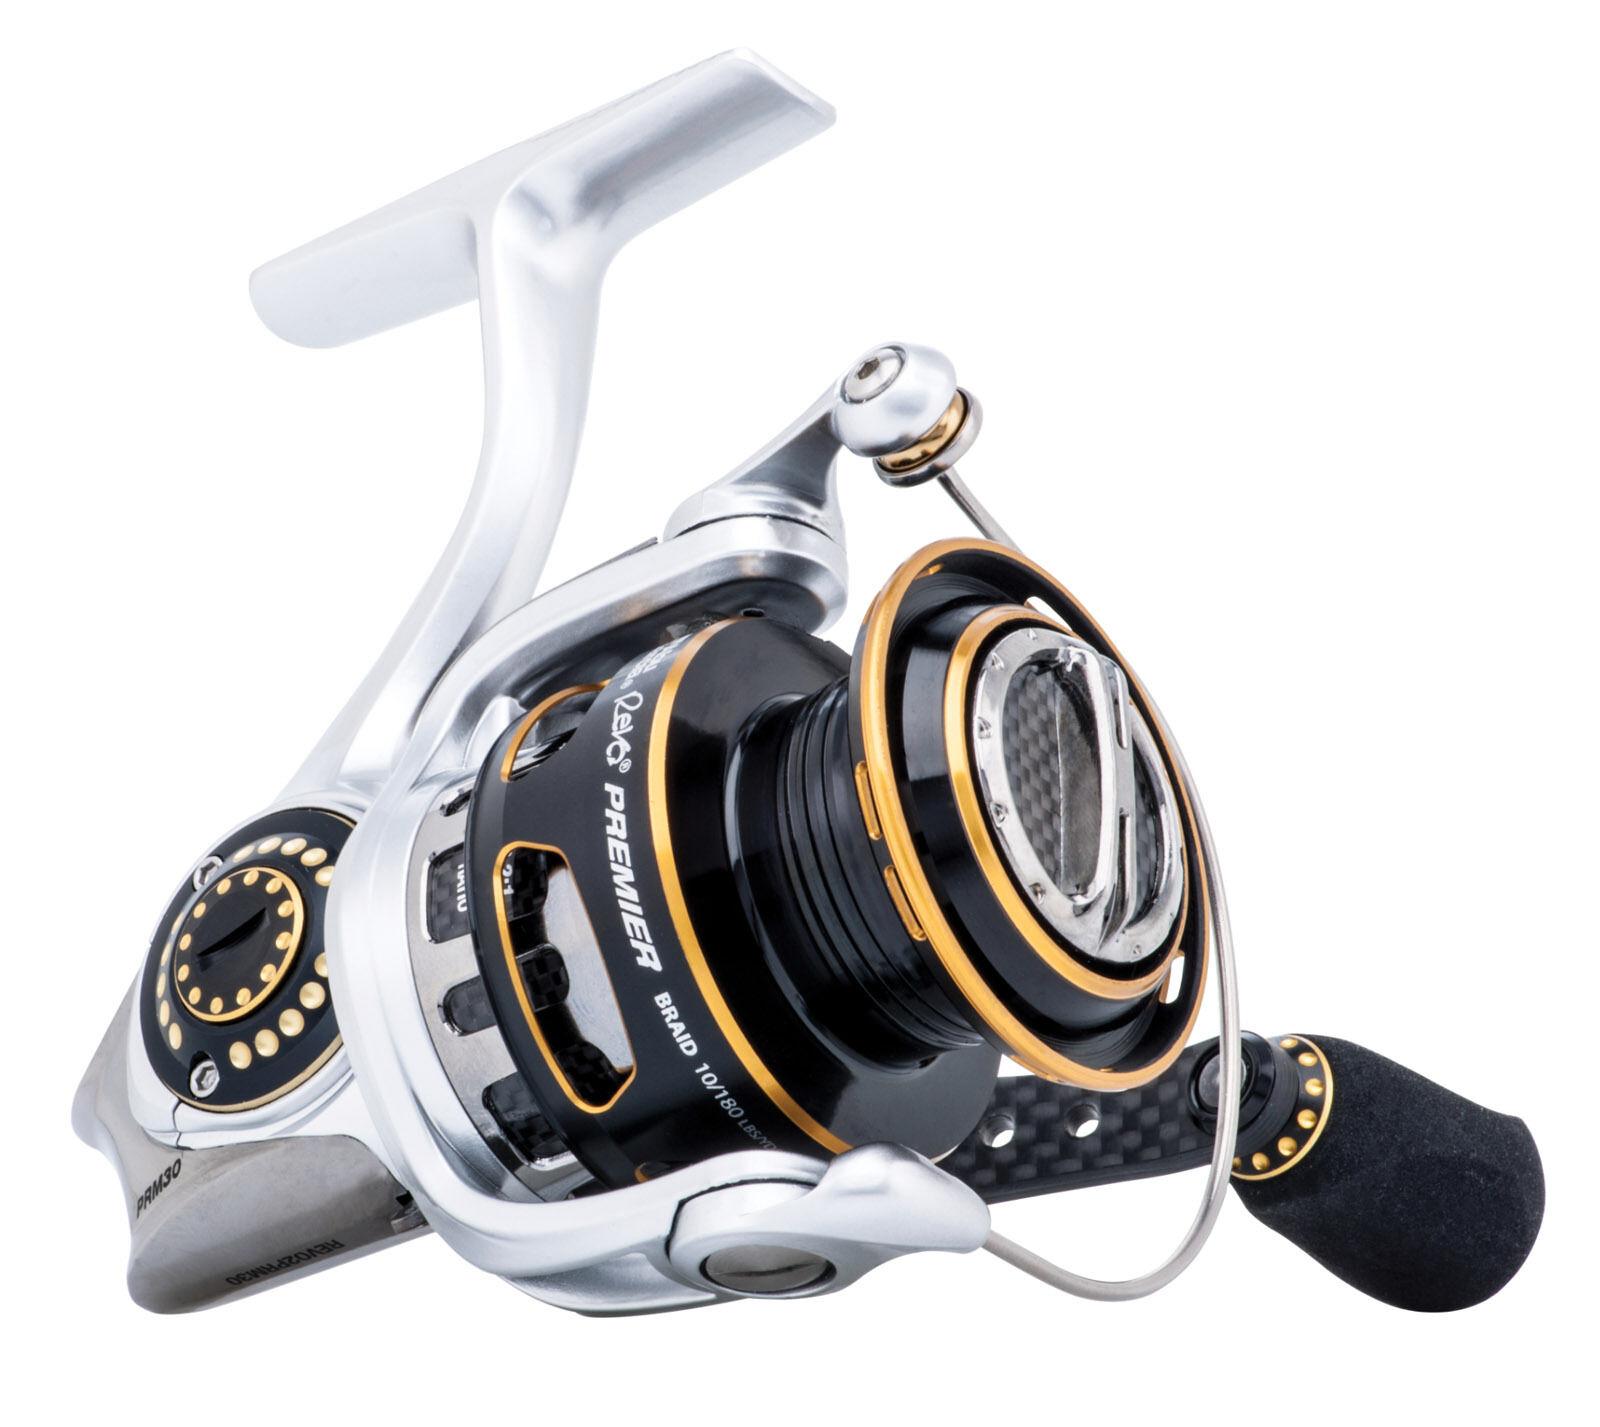 ABU Garcia Revo 2 Premier 10 – 40 GIRI serie Baitcast ANTERIORE trascinare pesca con mulinello